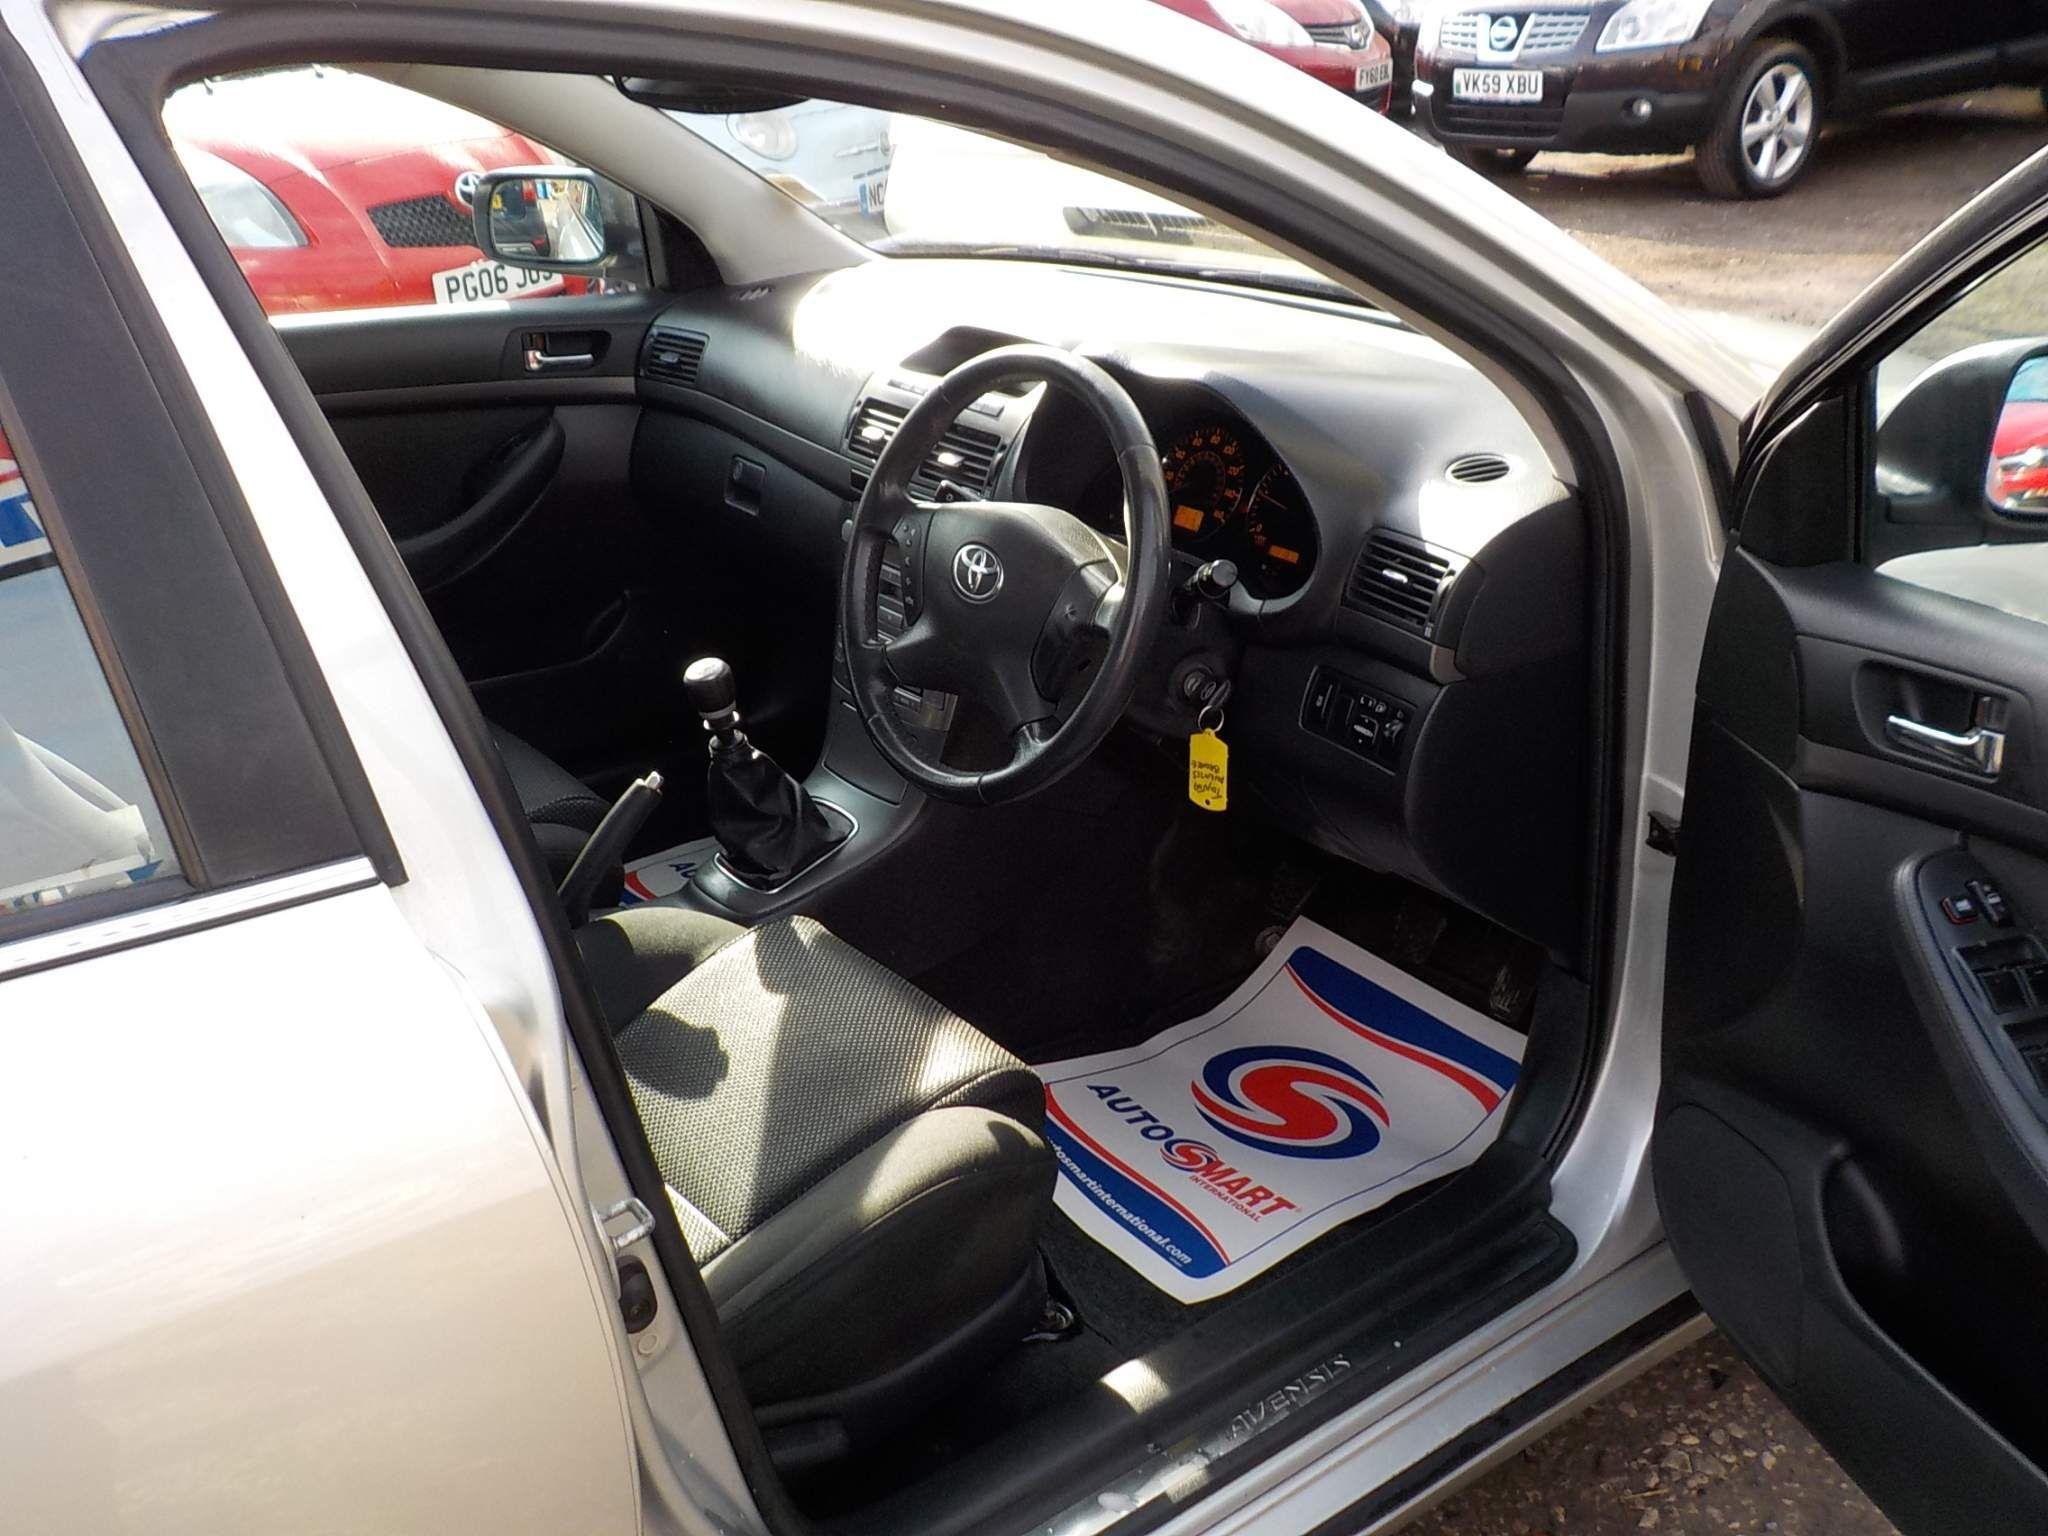 Toyota Avensis 2.2 D-4D T4 4dr